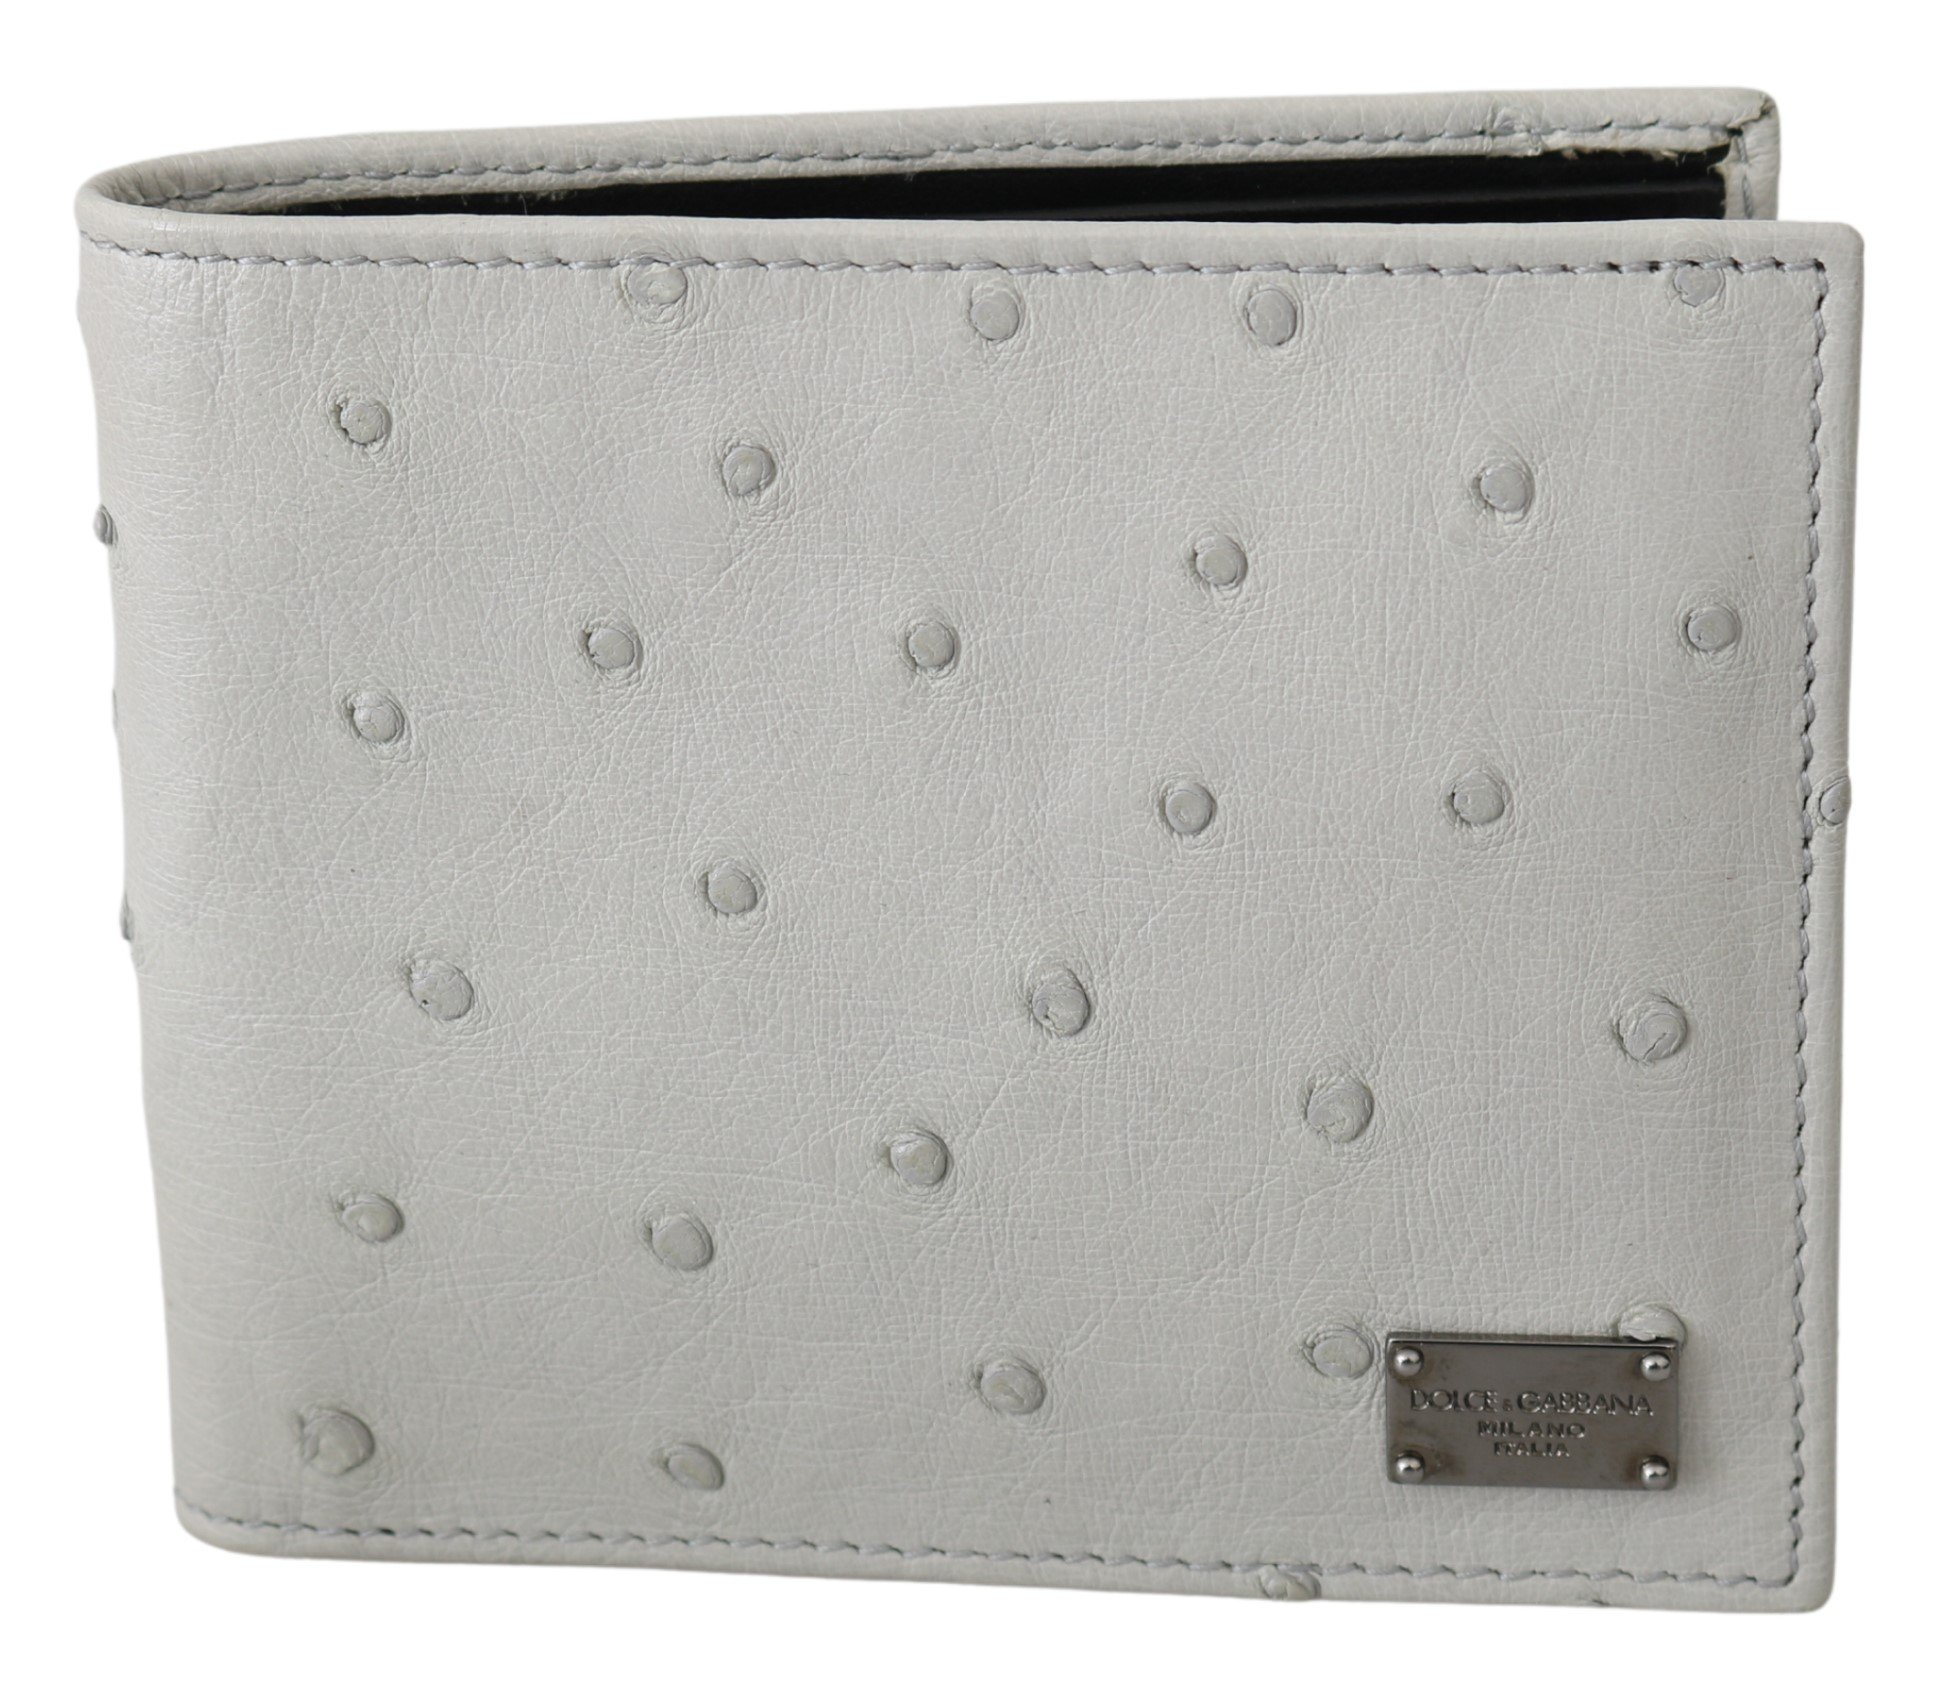 Dolce & Gabbana Men's Ostrich Leather Bifold Card Bill Slot Wallet White VAS9689